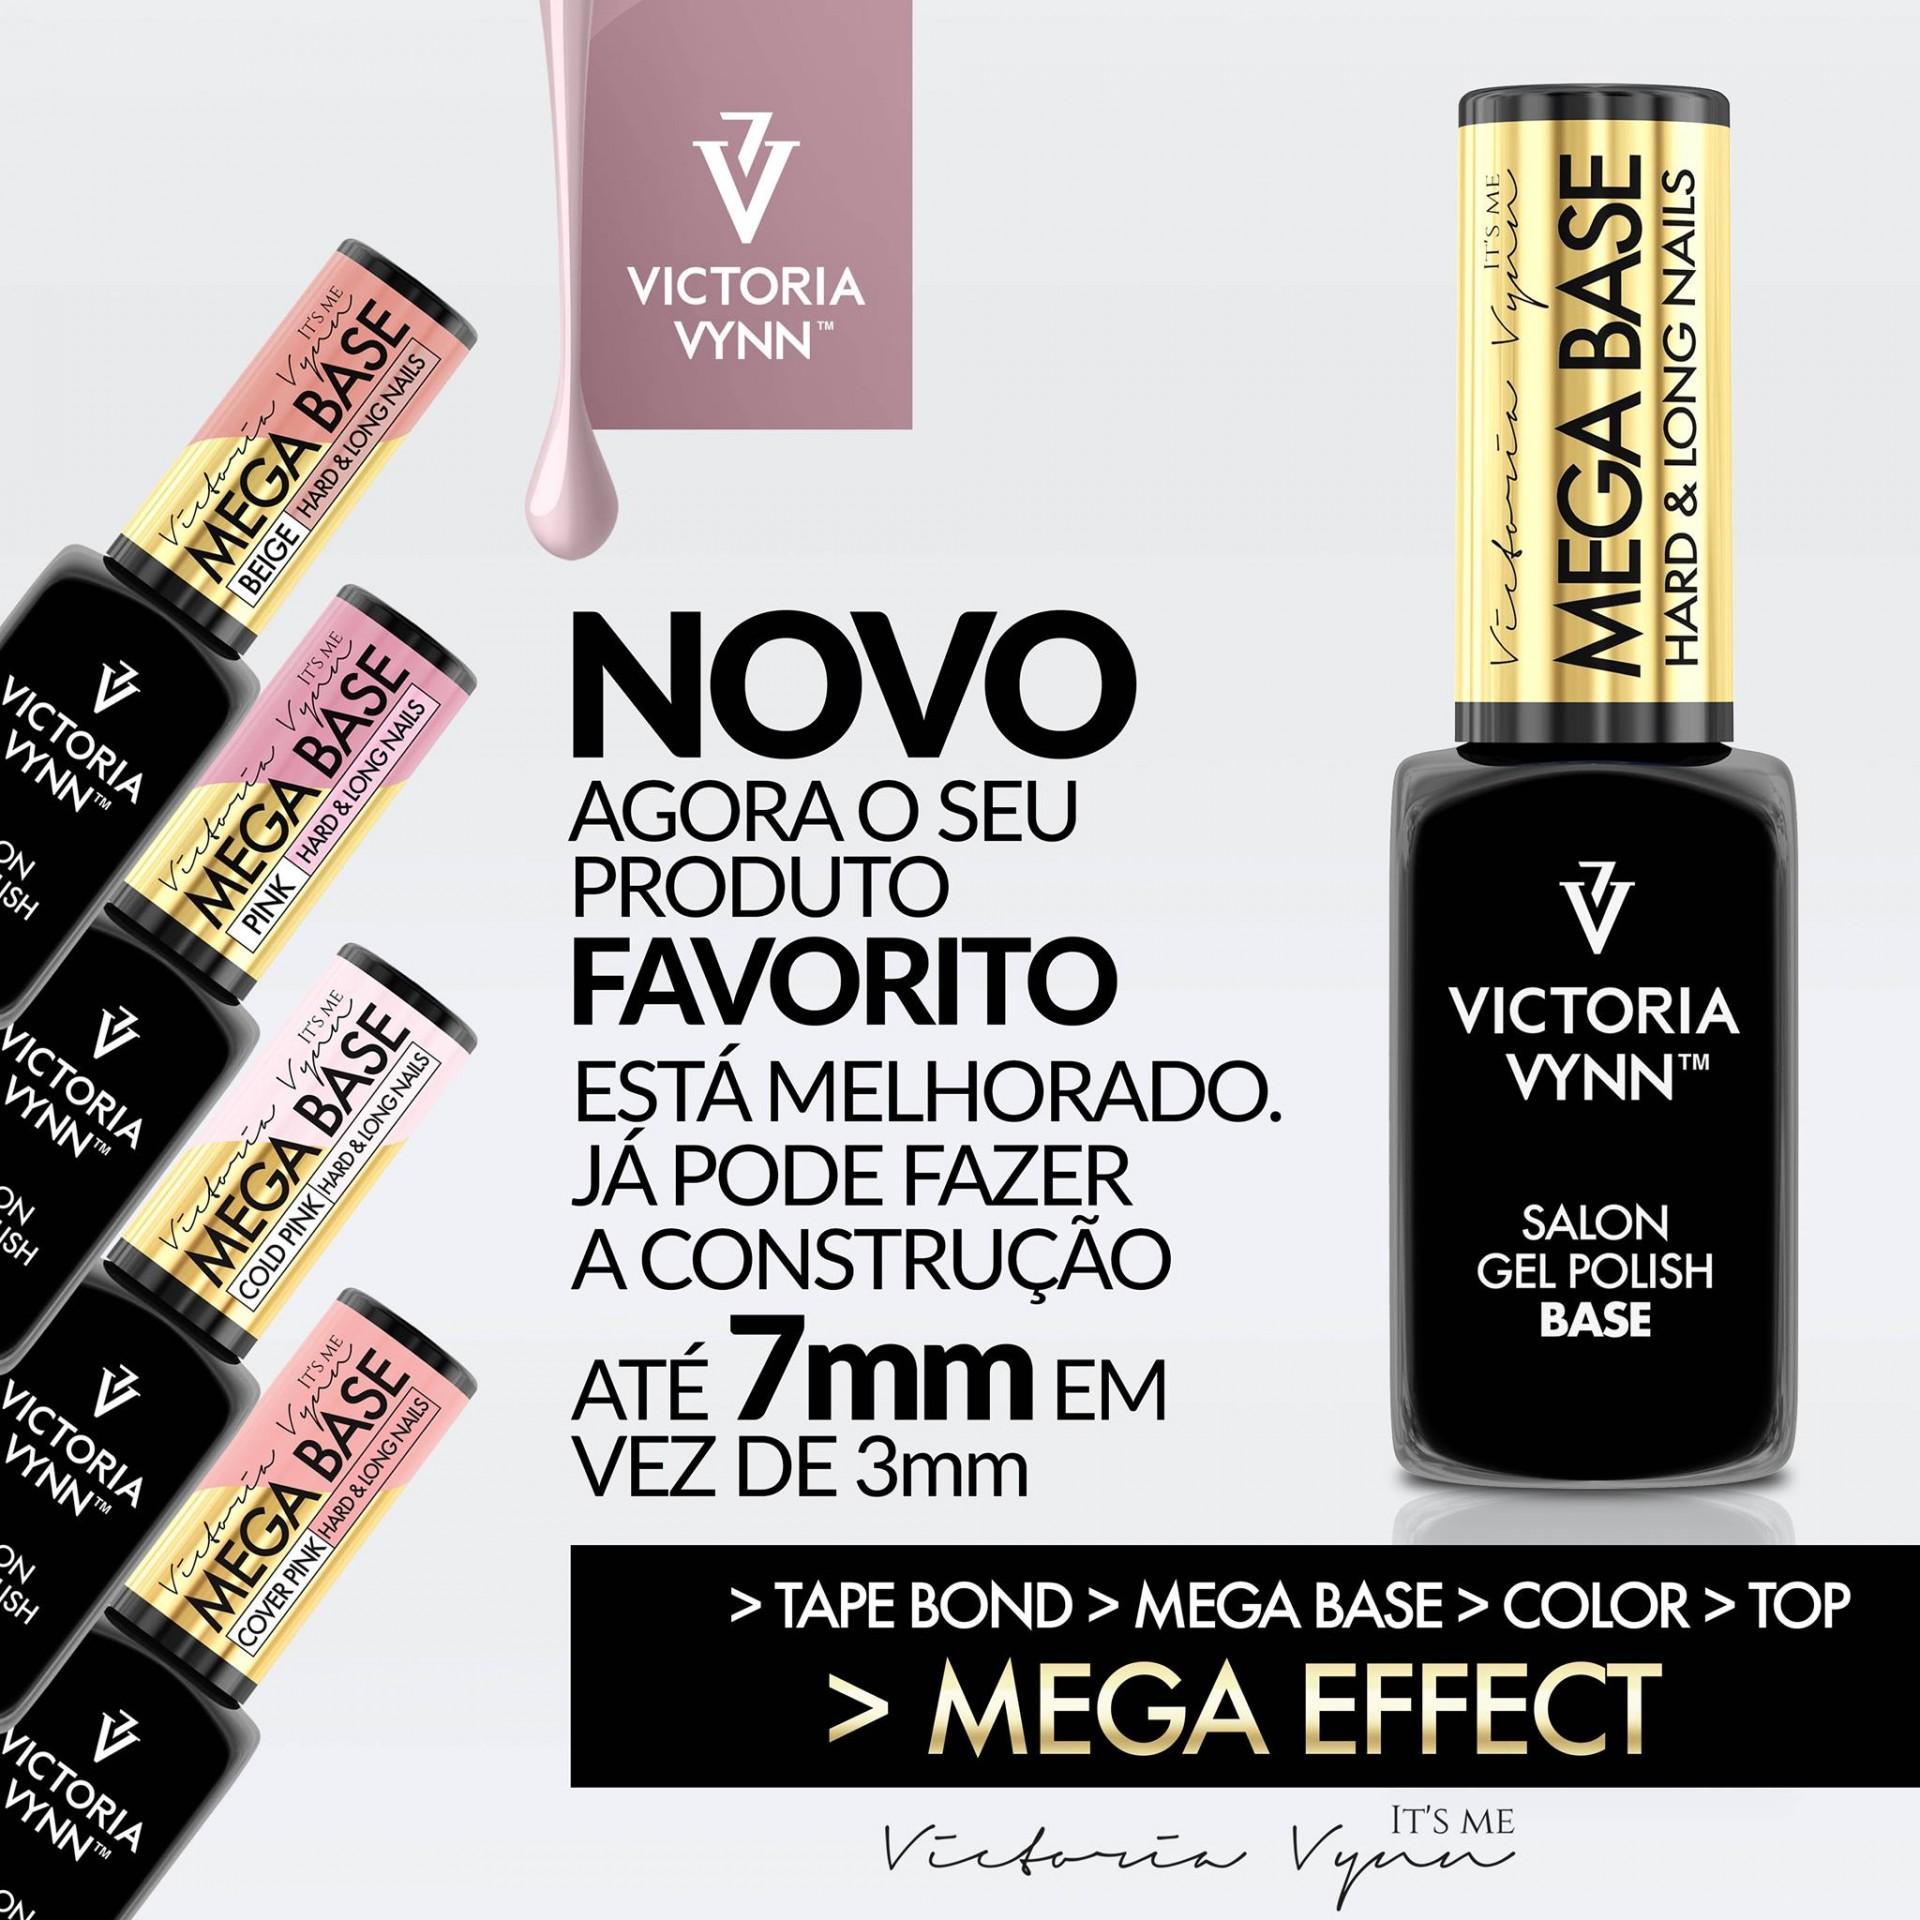 Mega Base Transparente da Victoria Vynn - Nova Fórmula